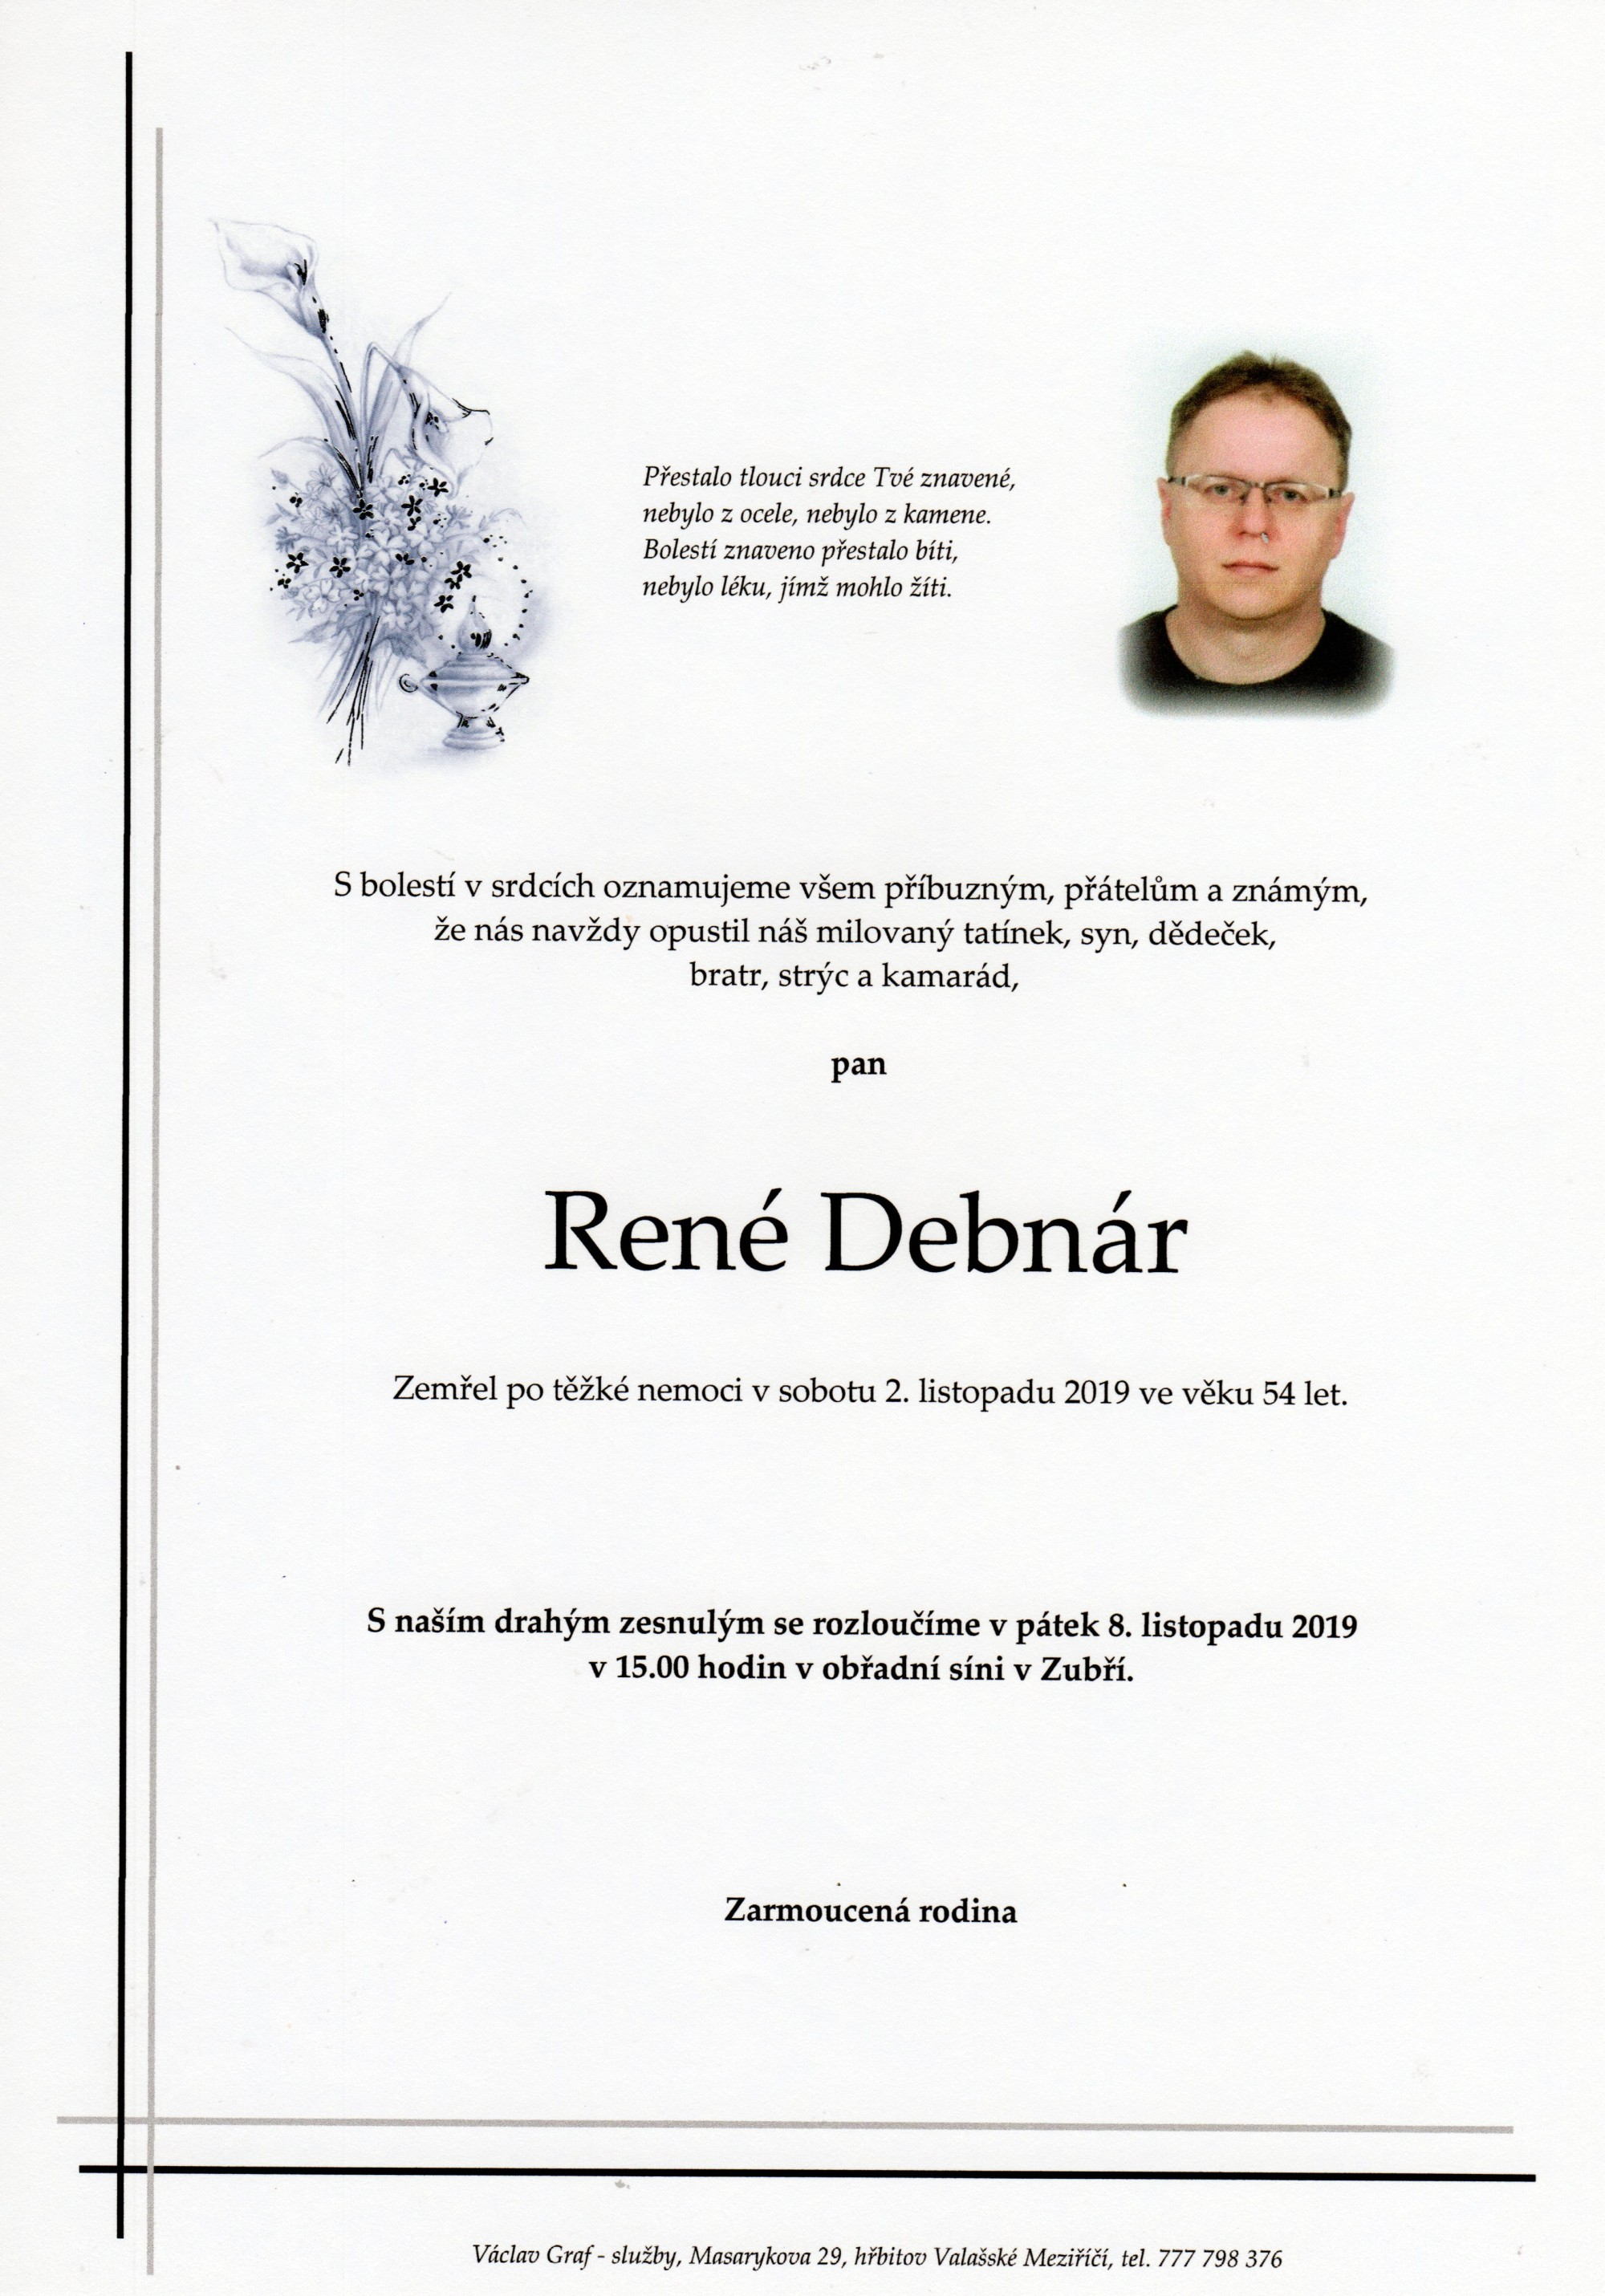 René Debnár